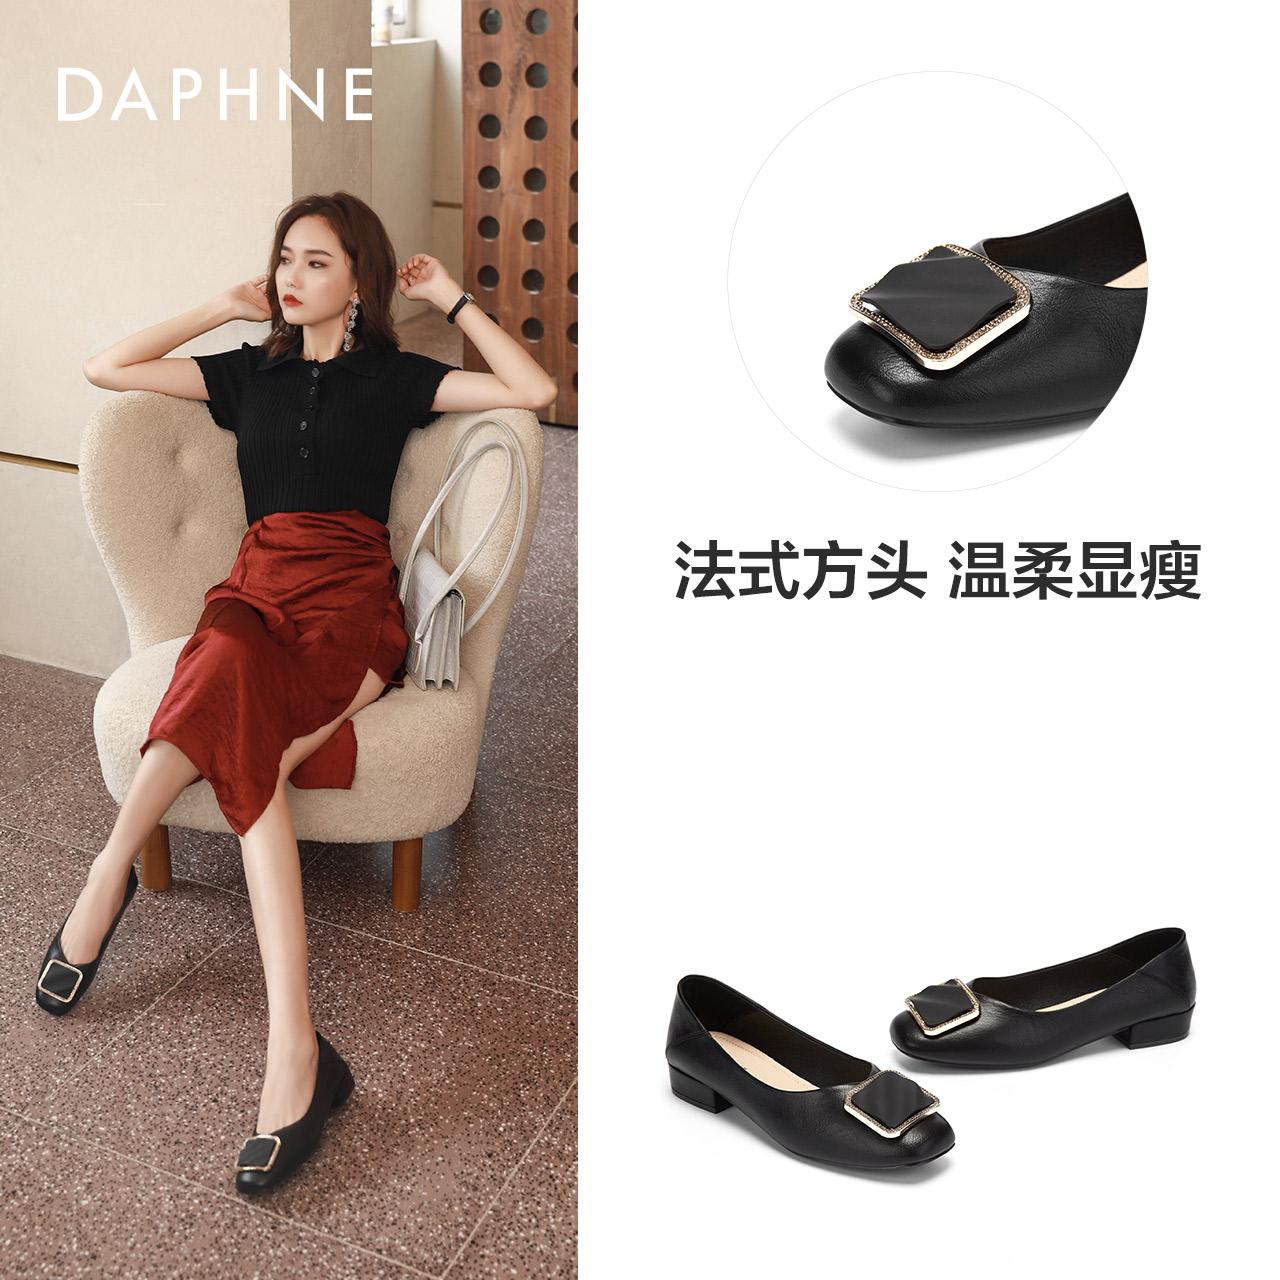 秋季新款潮牌女鞋法式复古单鞋舒适低跟时尚浅口软底鞋 2020 达芙妮